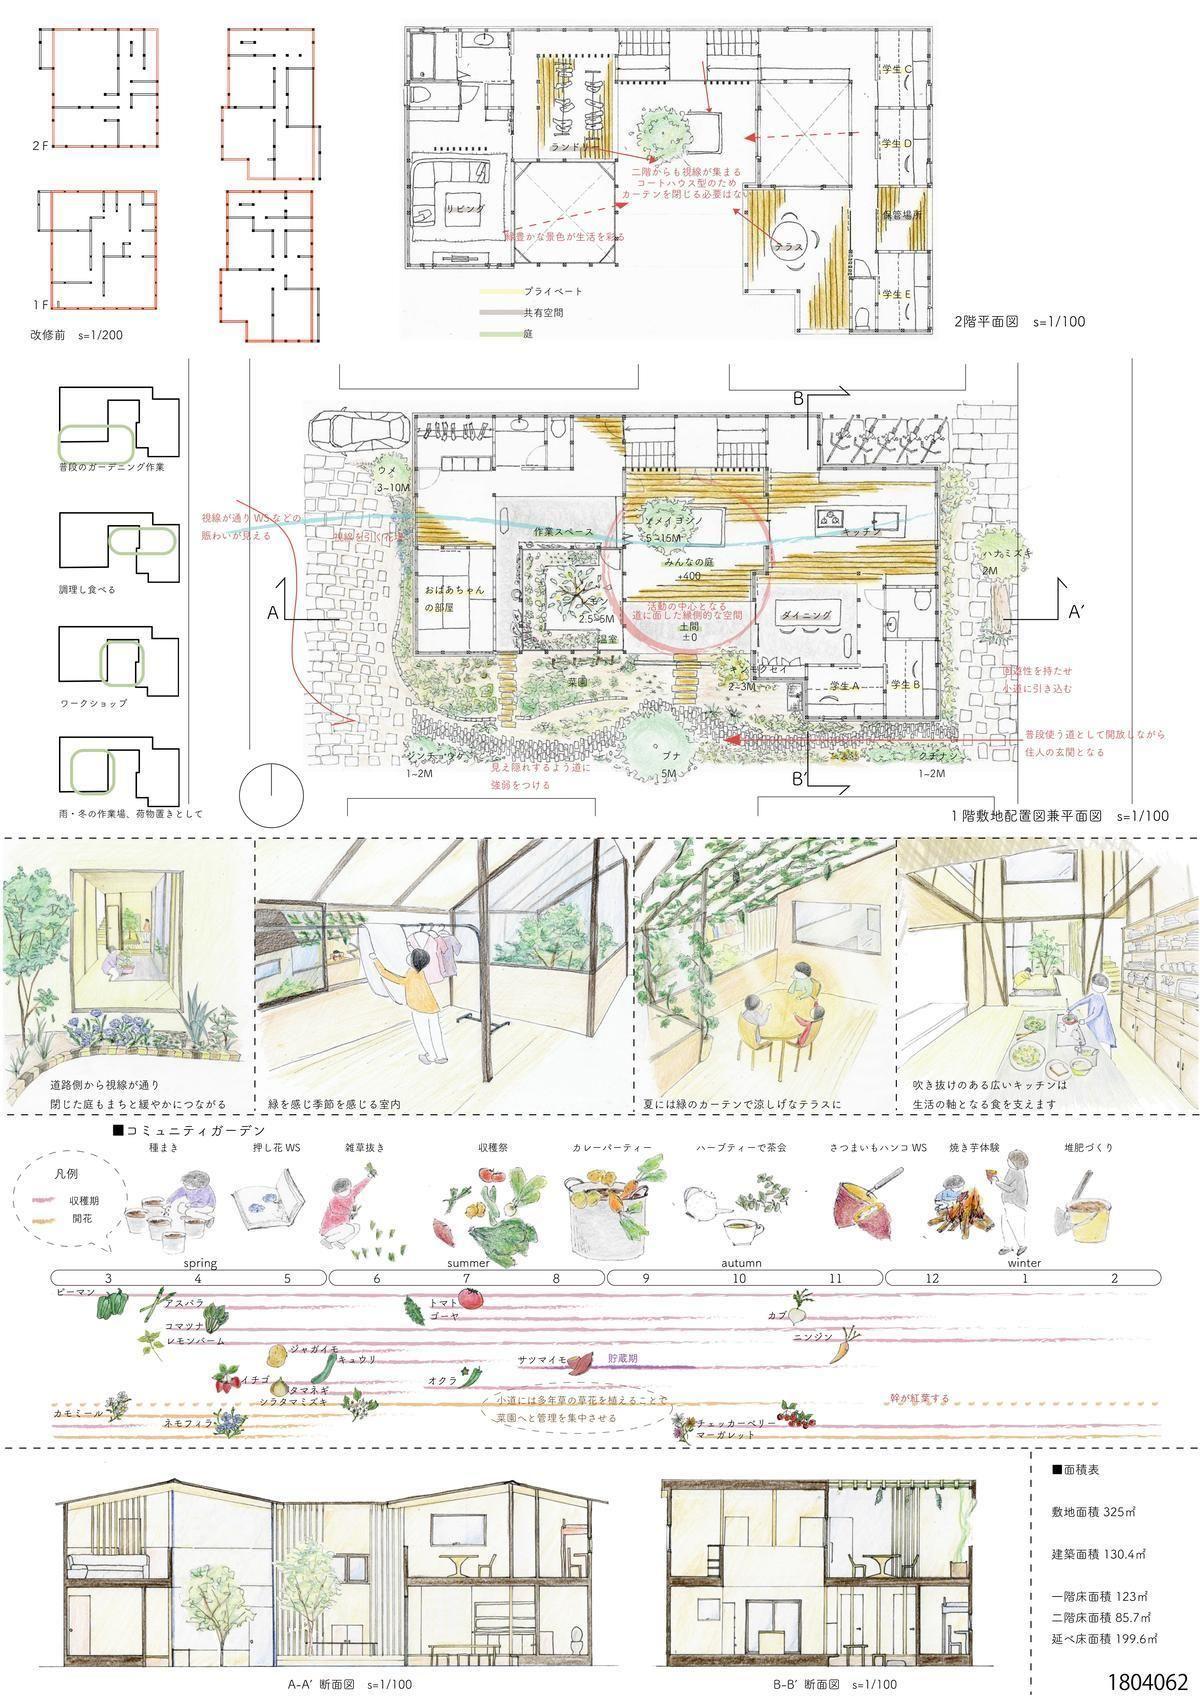 受賞作品 木の家設計グランプリ 建築 ポートフォリオレイアウト